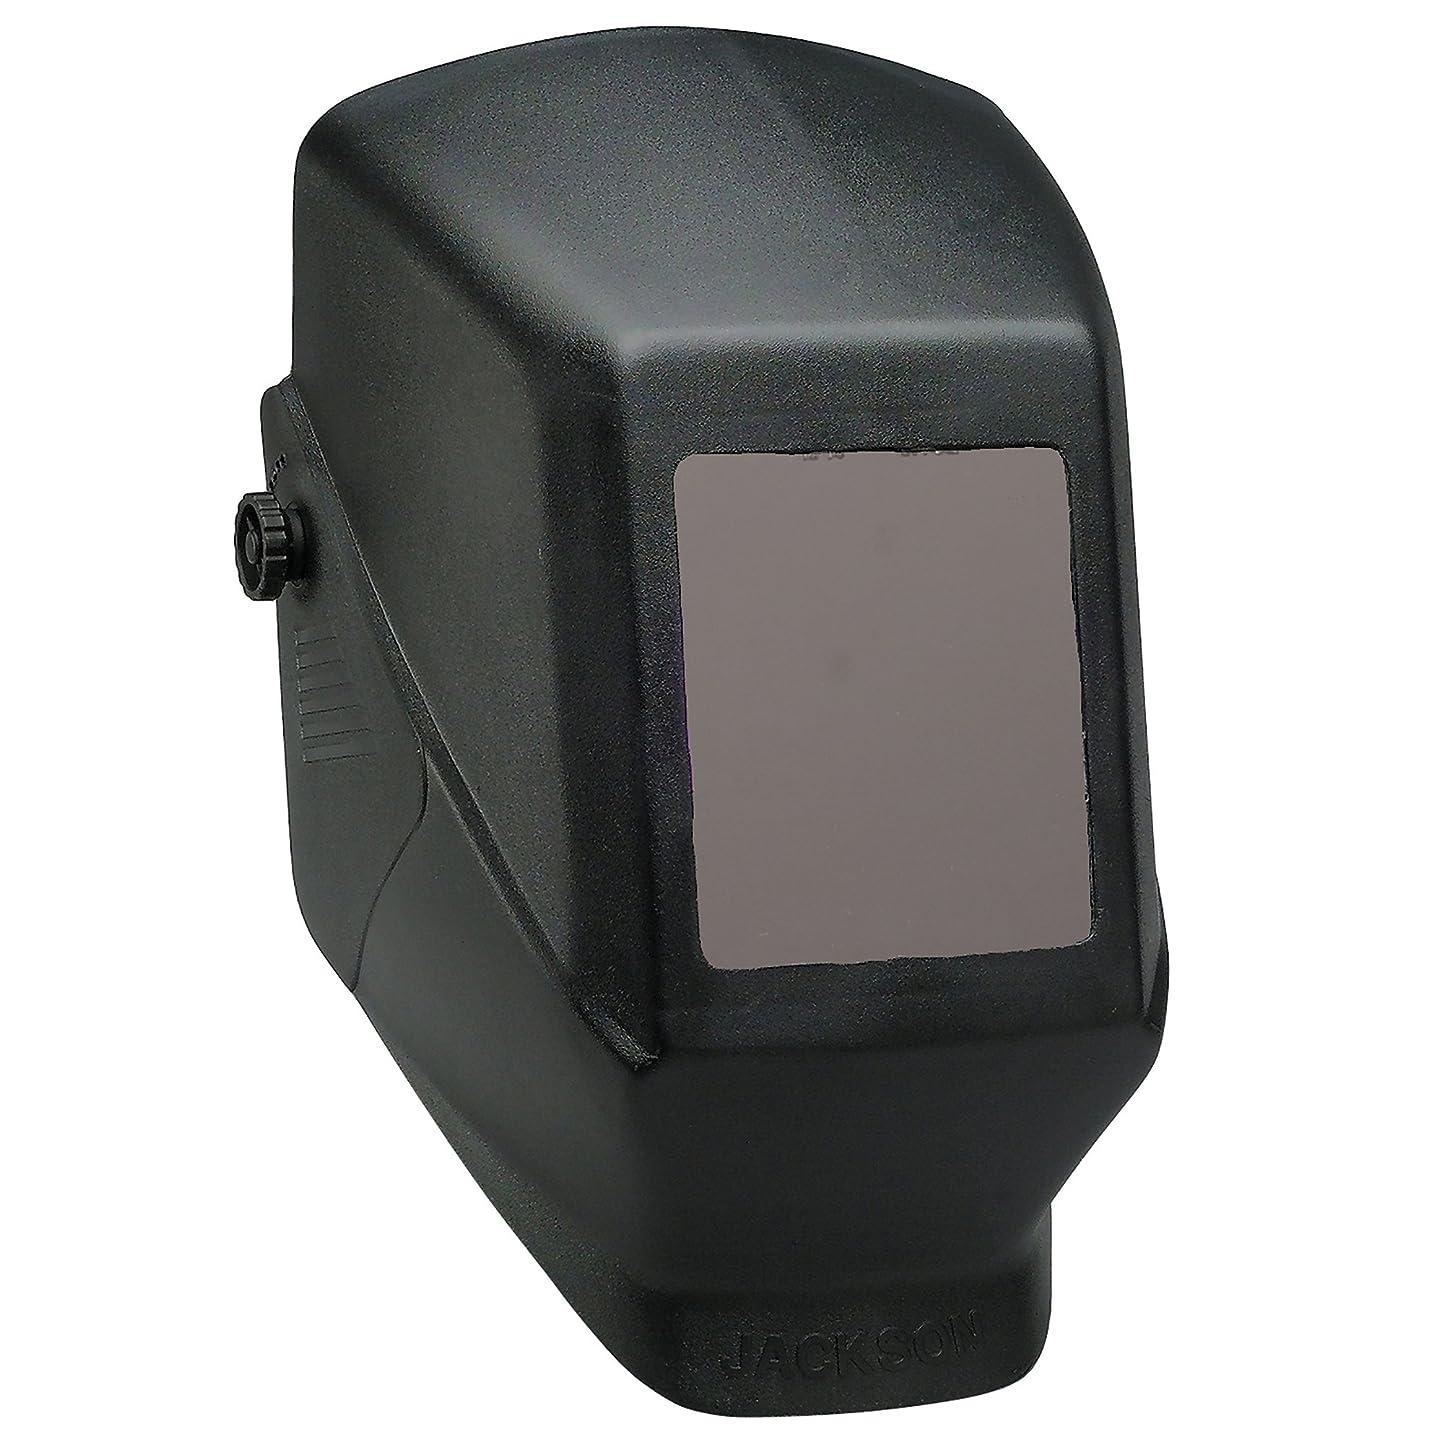 囲い階段菊Jackson Safety Fixed Shade W10 HSL 100 Welding Helmet (15134), Black, 10 Units / Case by Jackson Safety